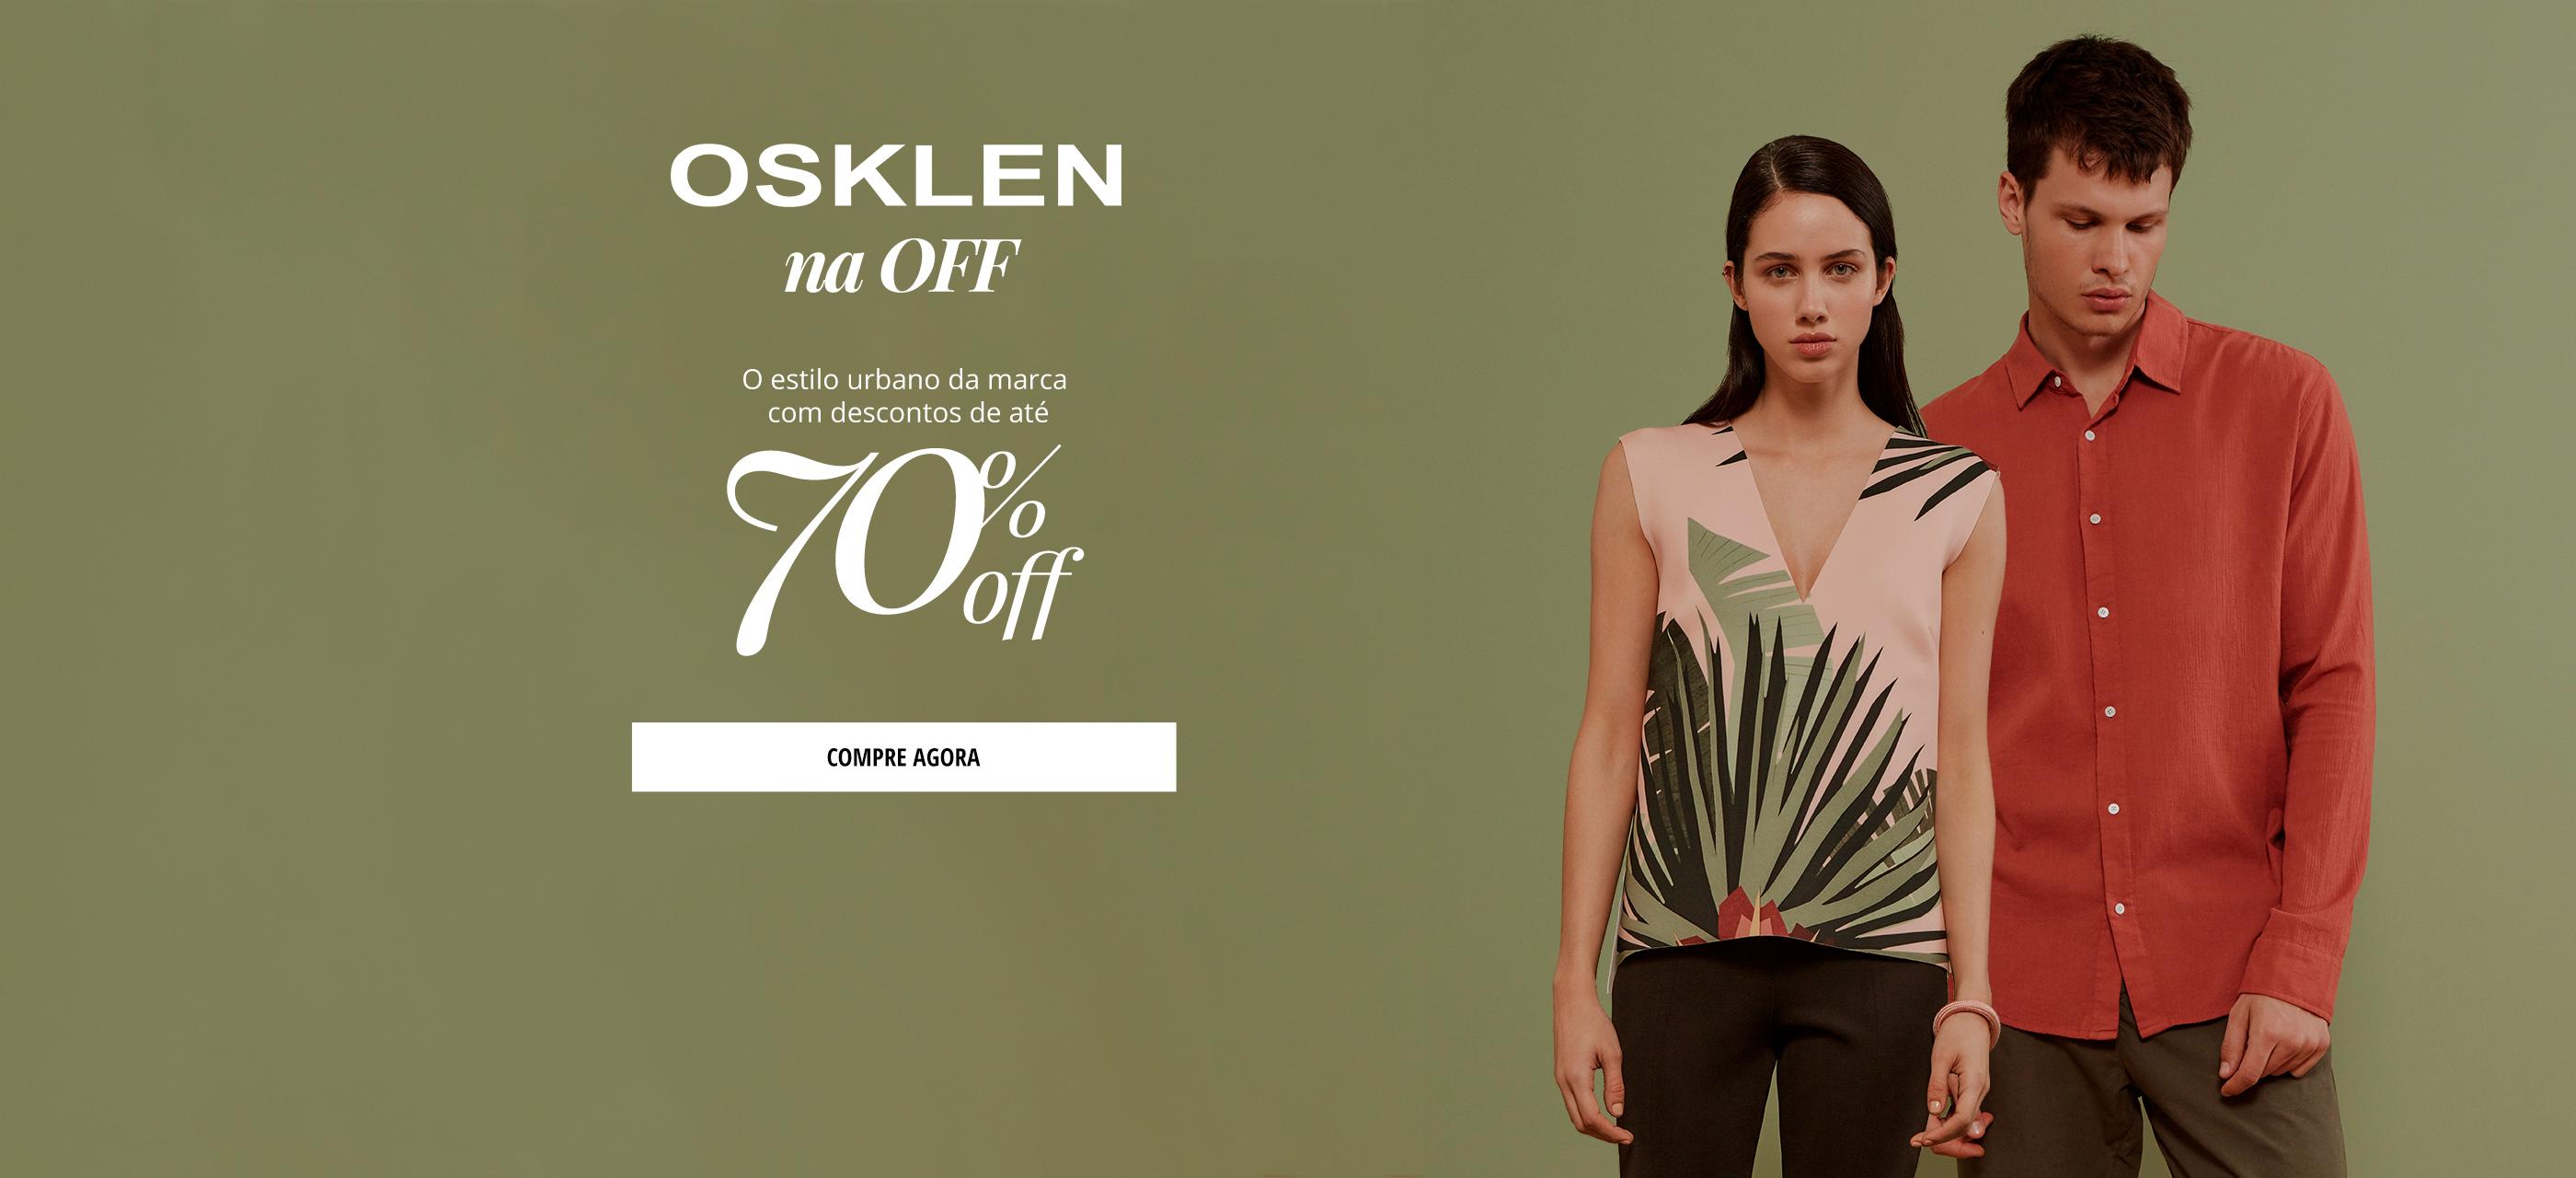 Lançamento Osklen